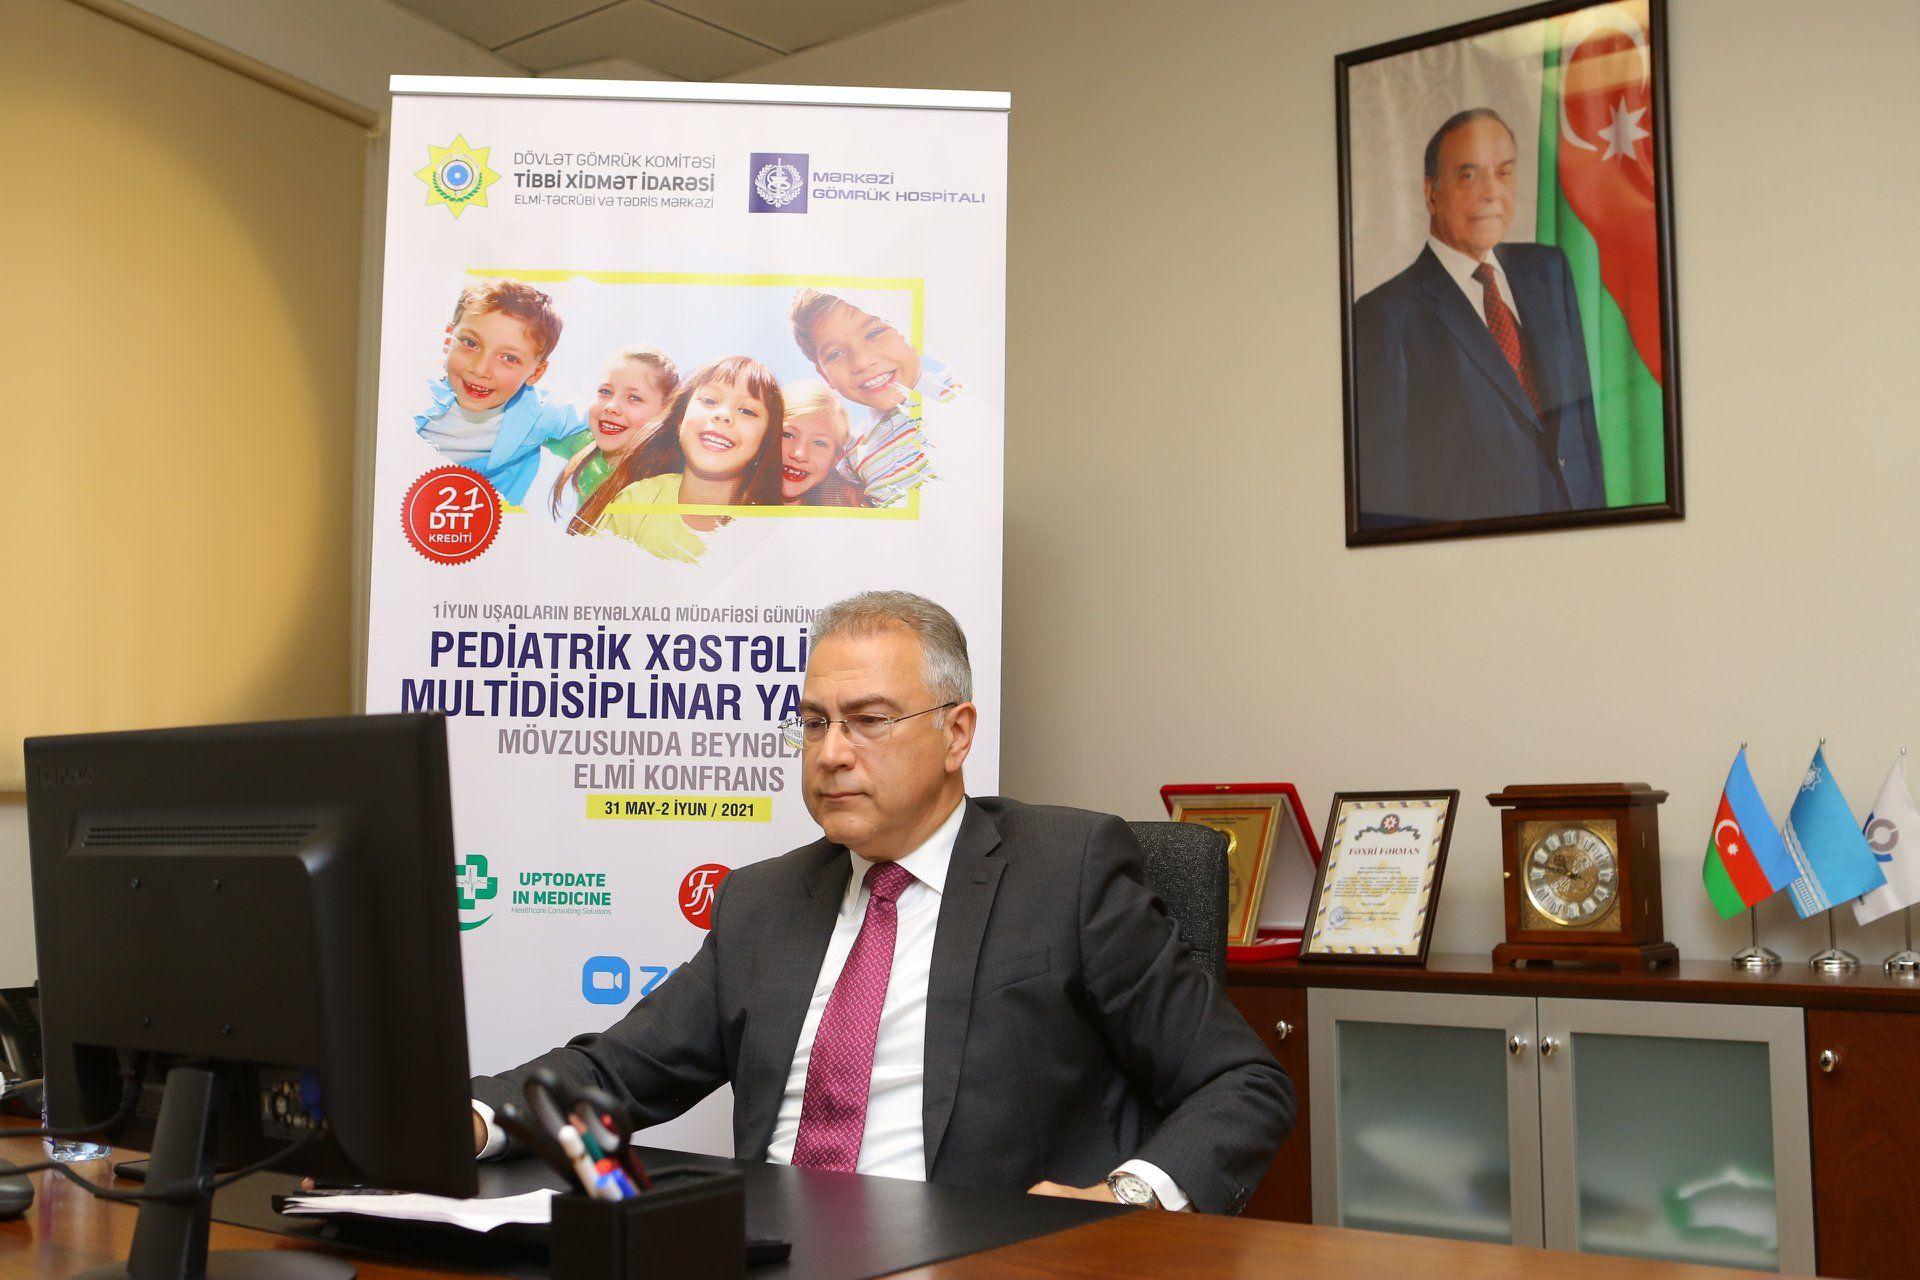 """""""Pediatrik Xəstəliklərə Multidisiplinar Yanaşma""""  Beynəlxalq Elmi Konfrans yekunlaşdı"""